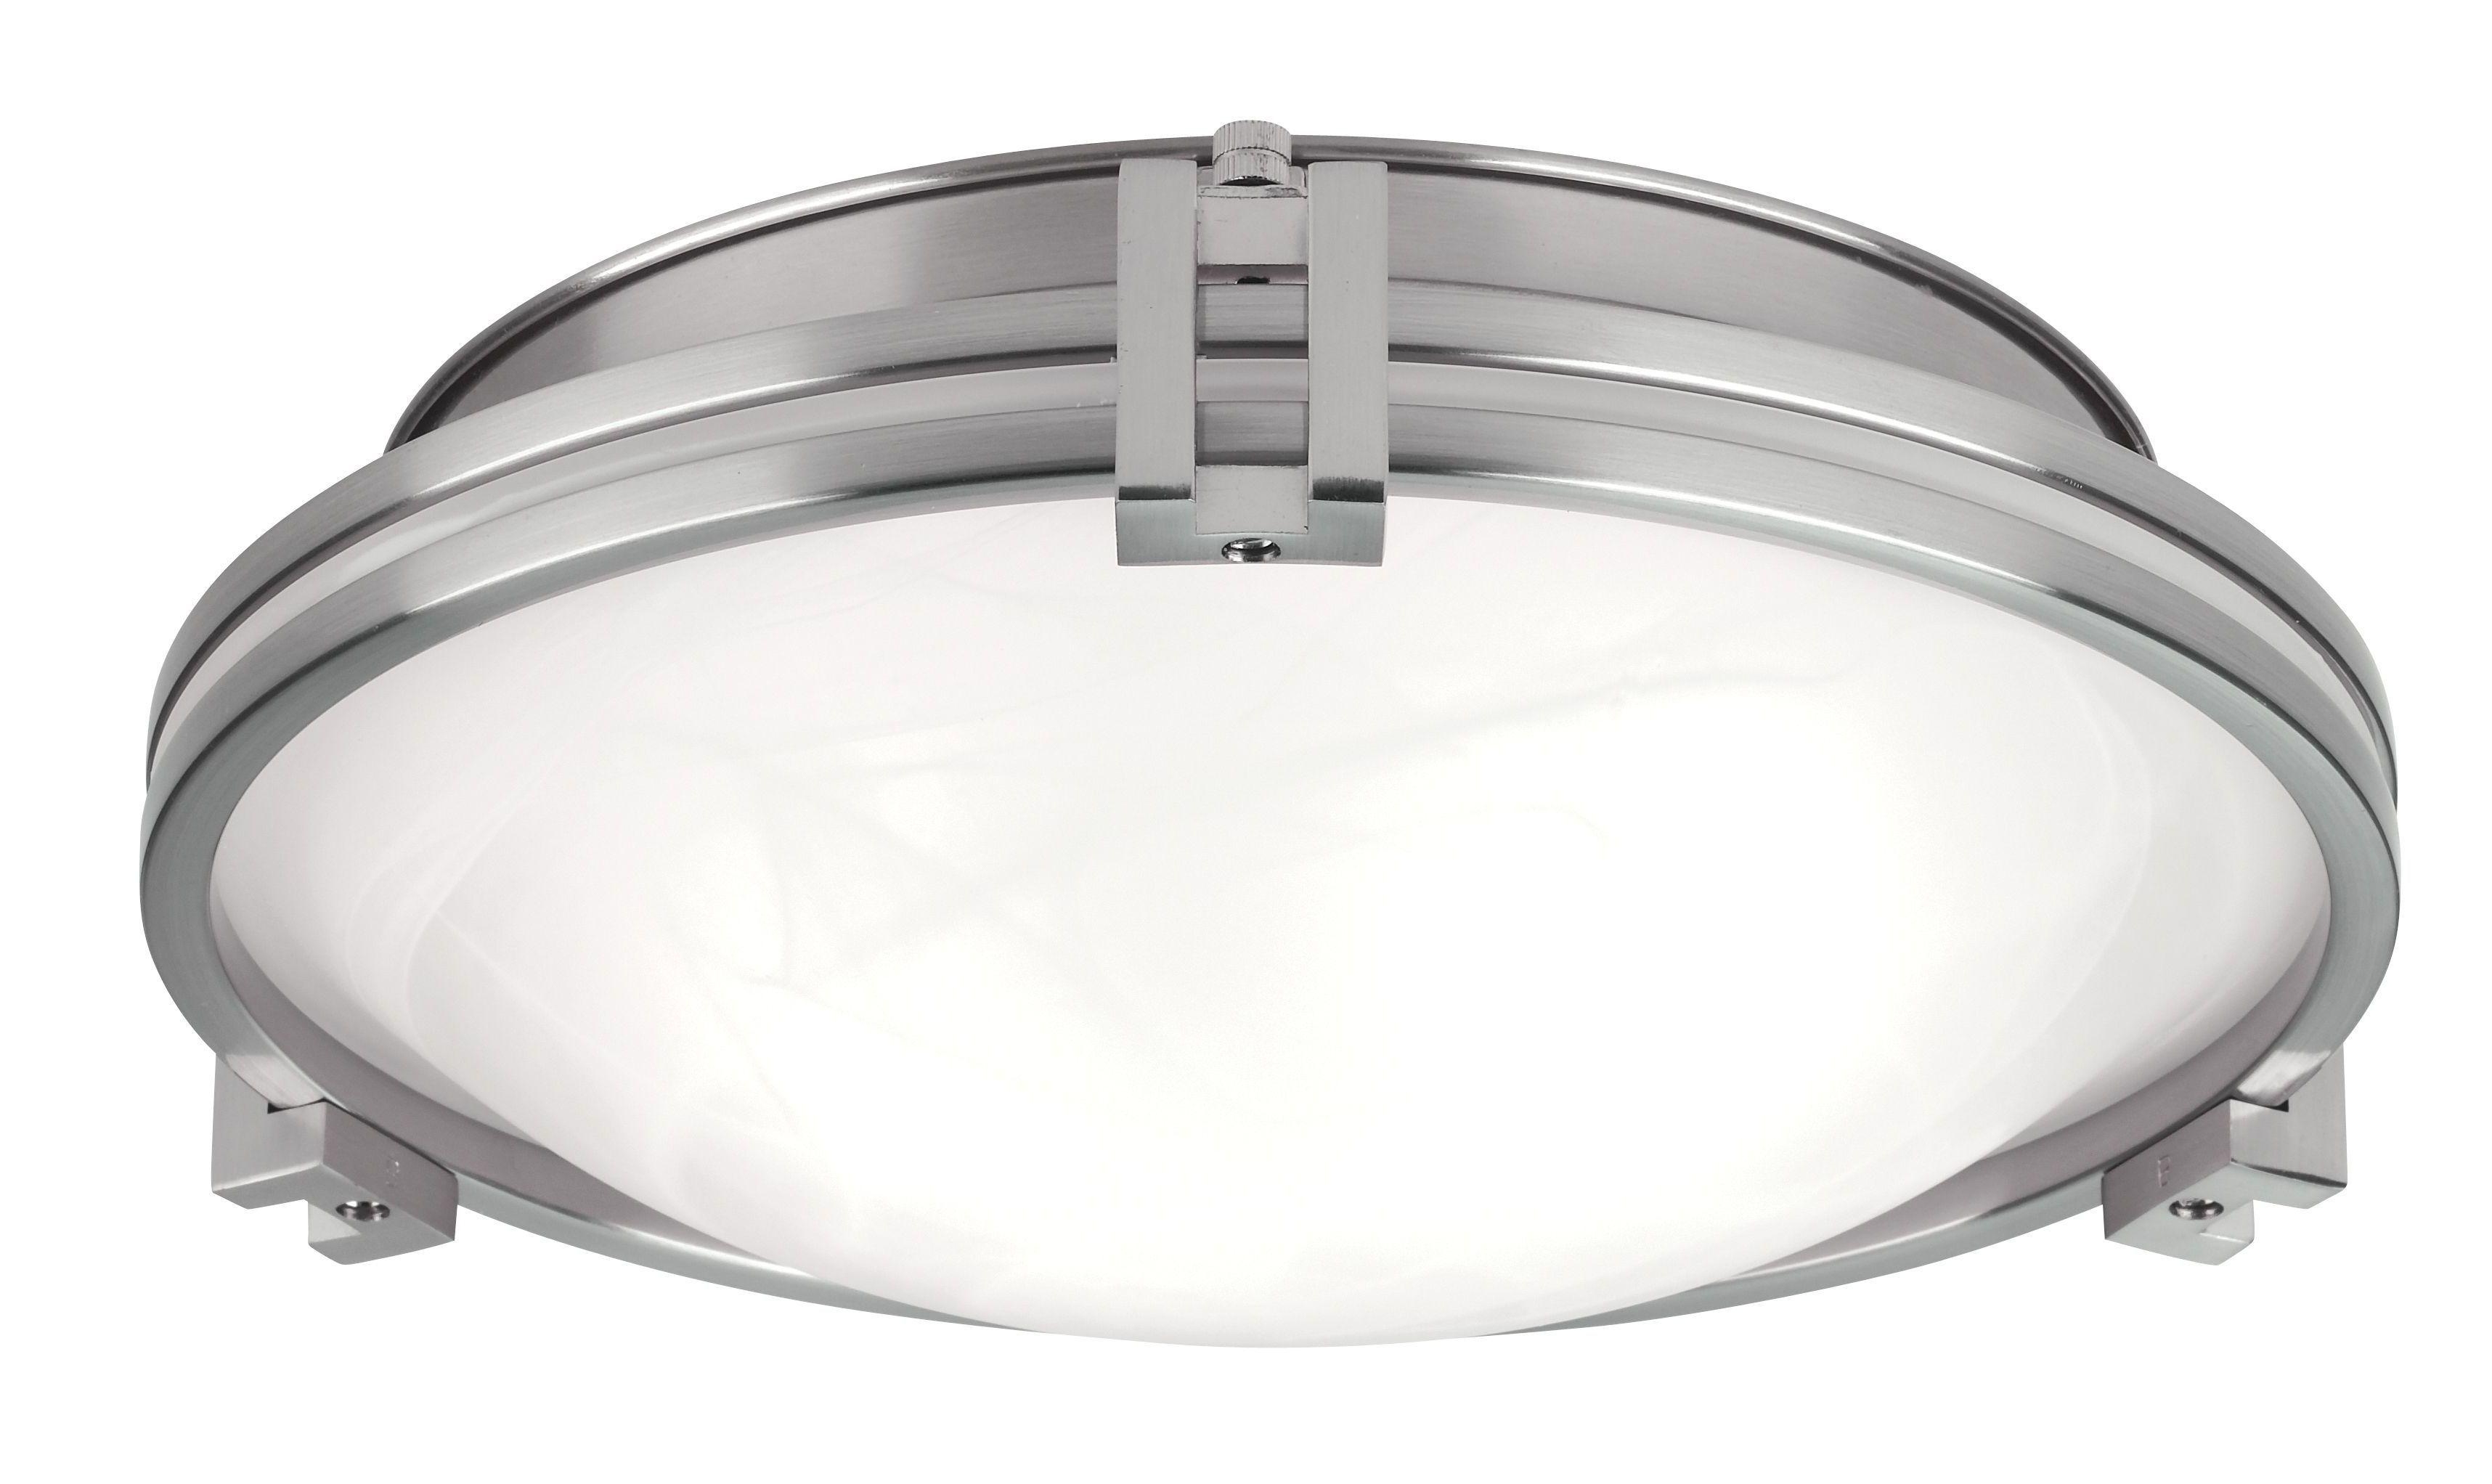 Bathroom Exhaust Fan Light Kit